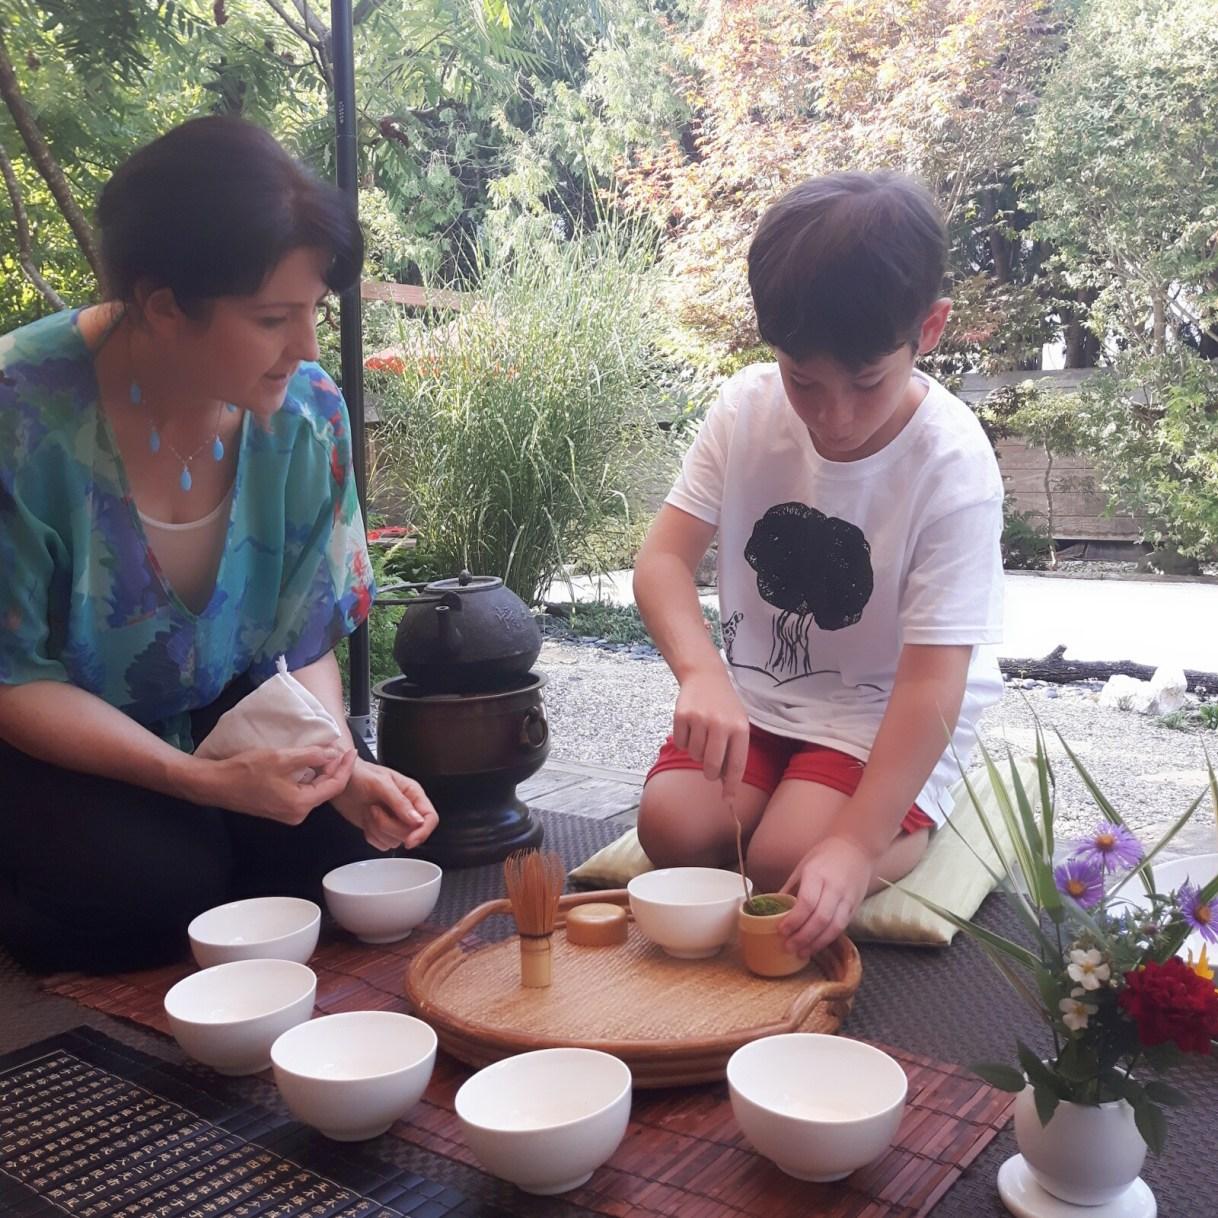 Tea coaching little ones